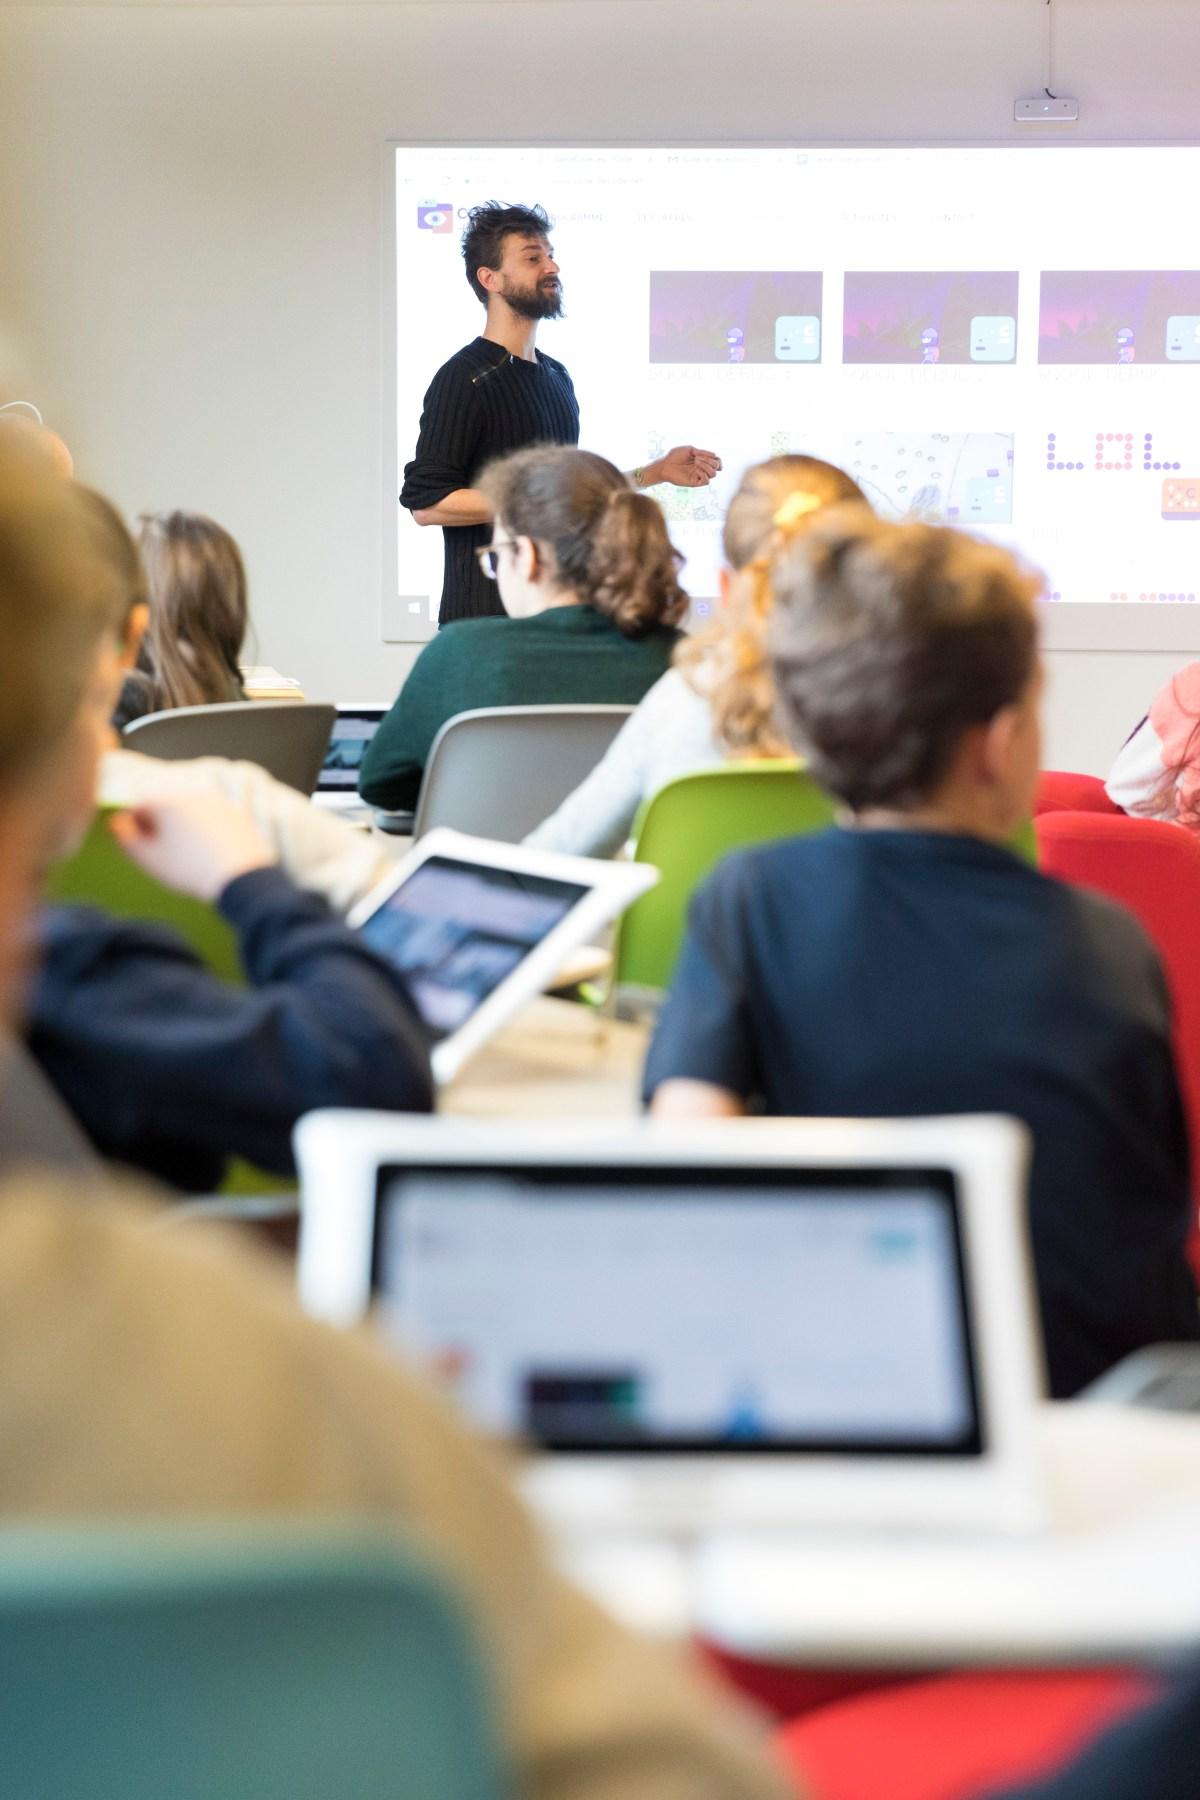 Accompagnement sur les logiciels enseignants